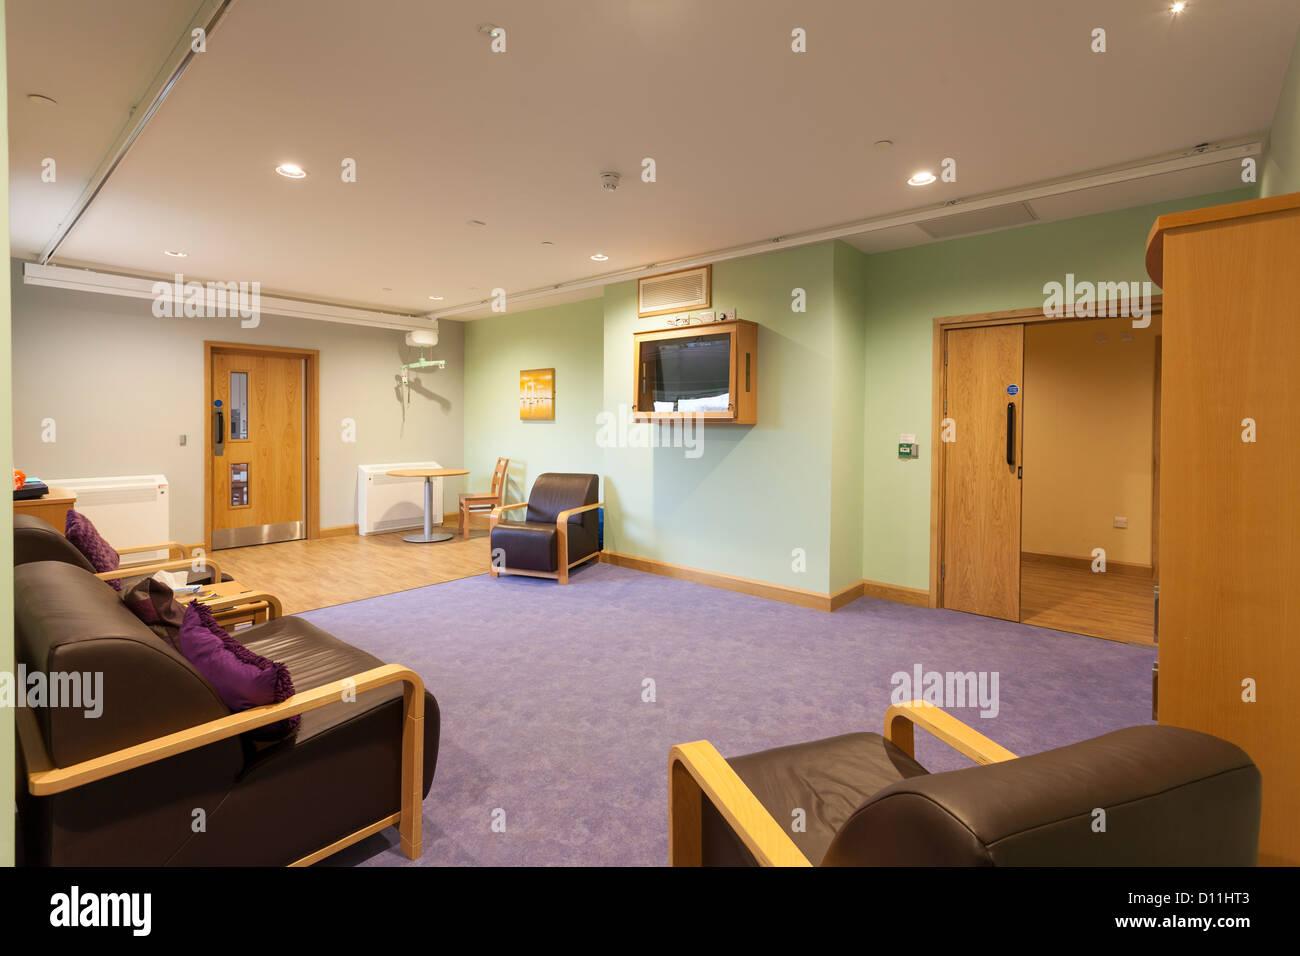 Care Home, comportamiento desafiante salón con techo vía grúa de elevación y de policarbonato Imagen De Stock